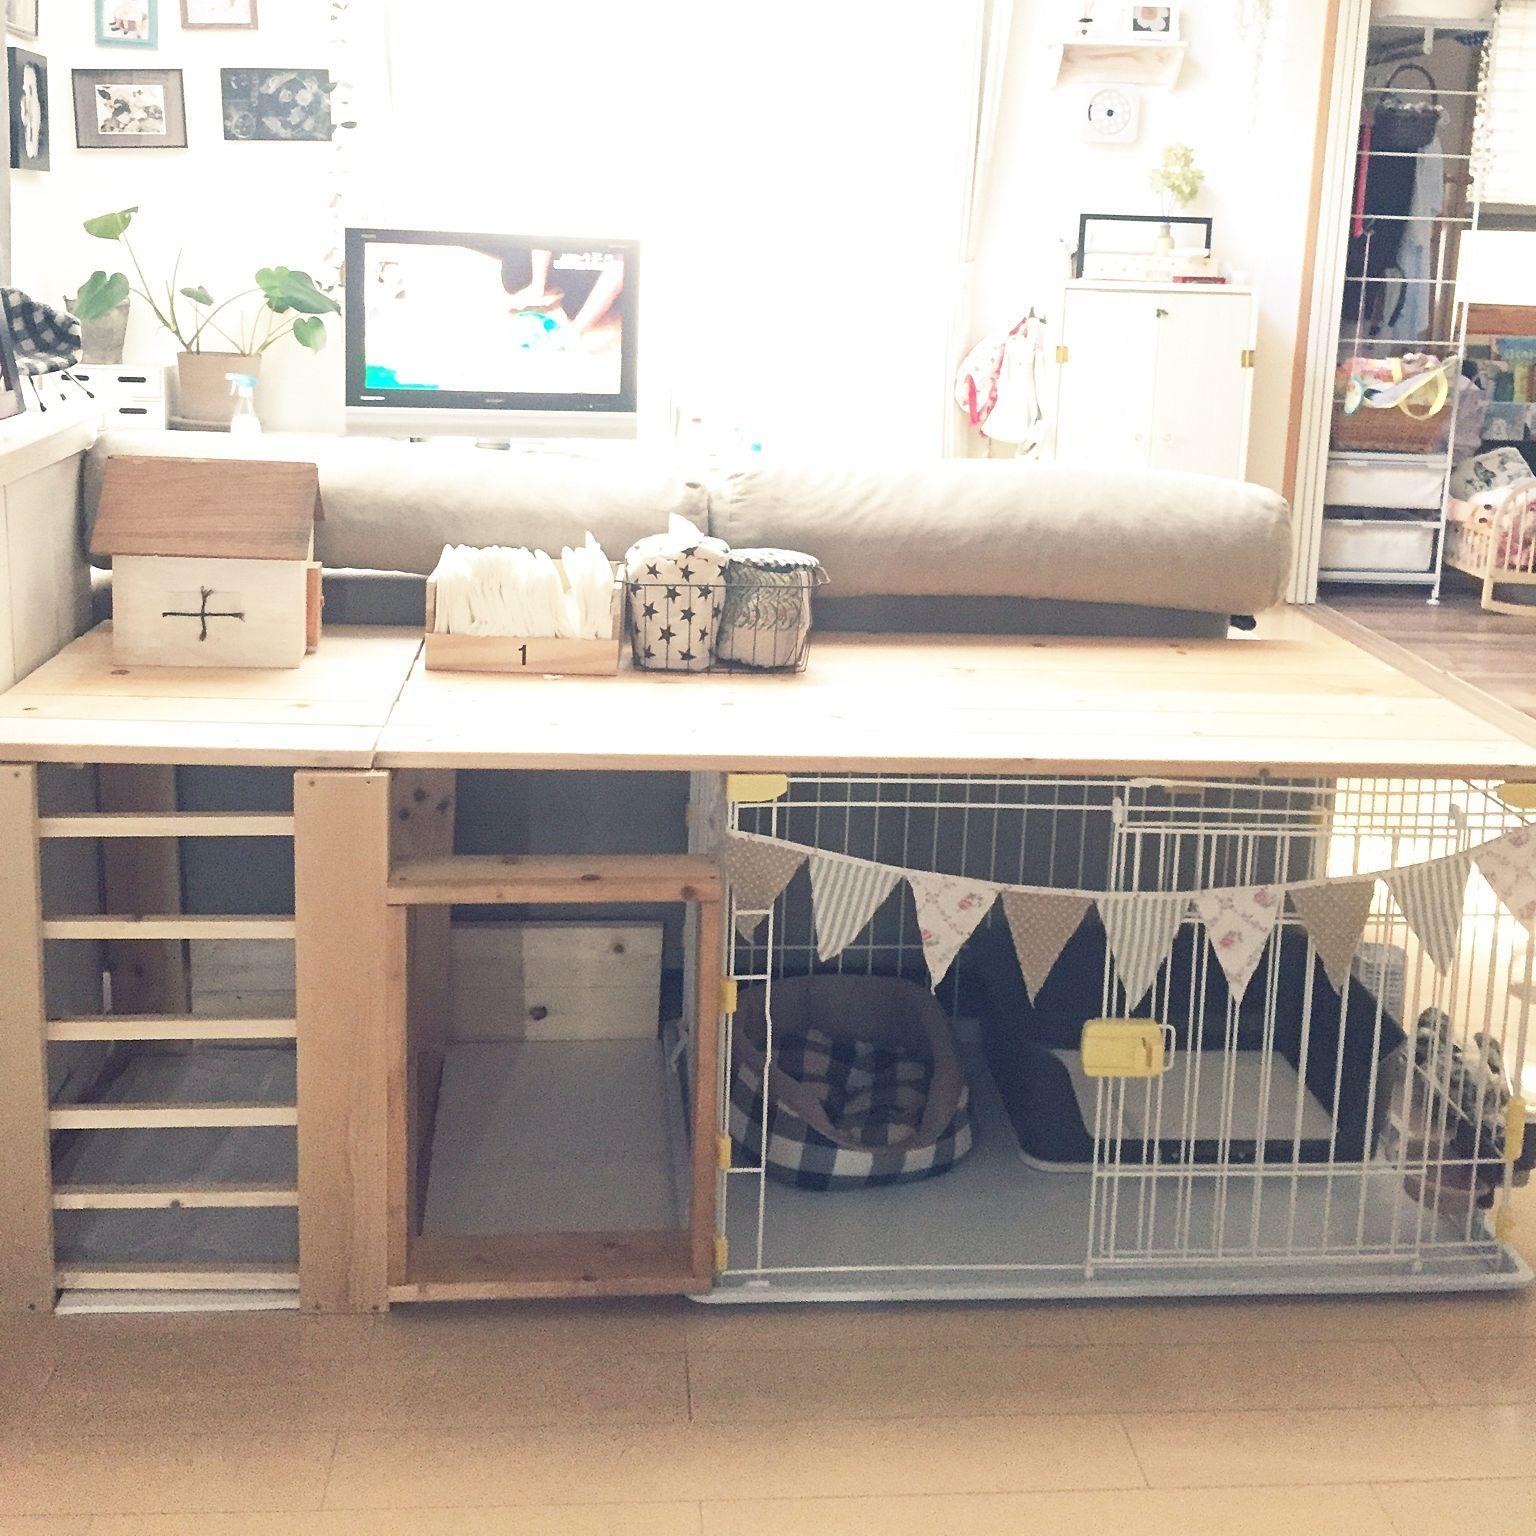 リビング いぬ わんこ 犬小屋 ゲージ などのインテリア実例 2016 08 07 16 36 24 Roomclip ルームクリップ 犬小屋 犬の部屋 ウサギ 部屋